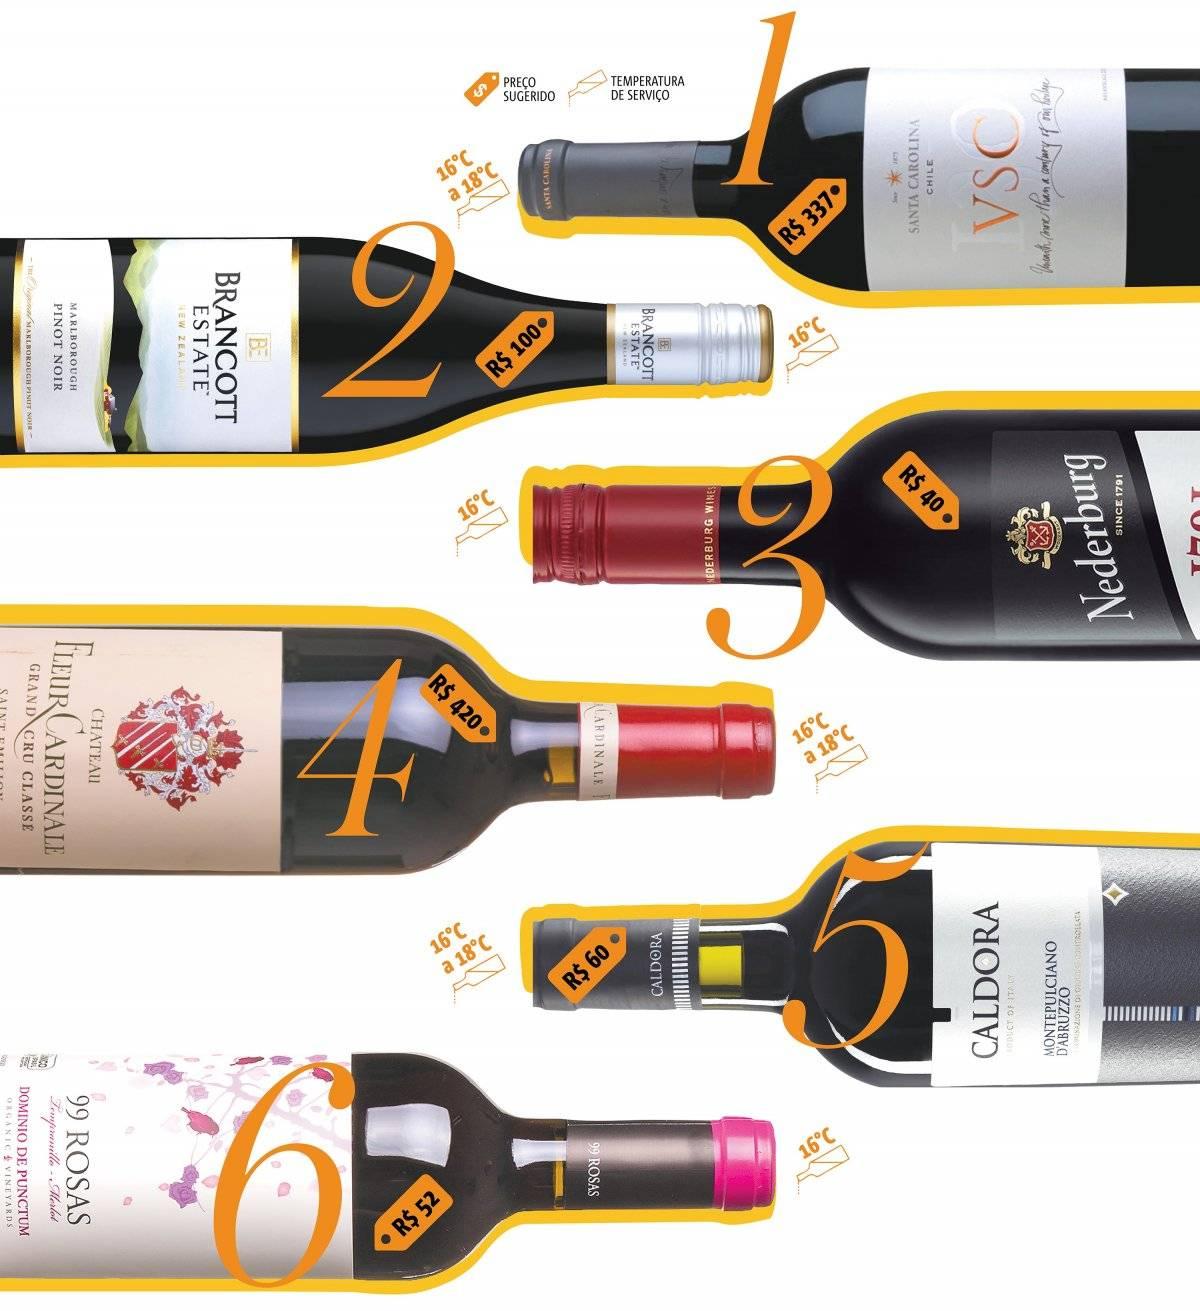 vinhos plus